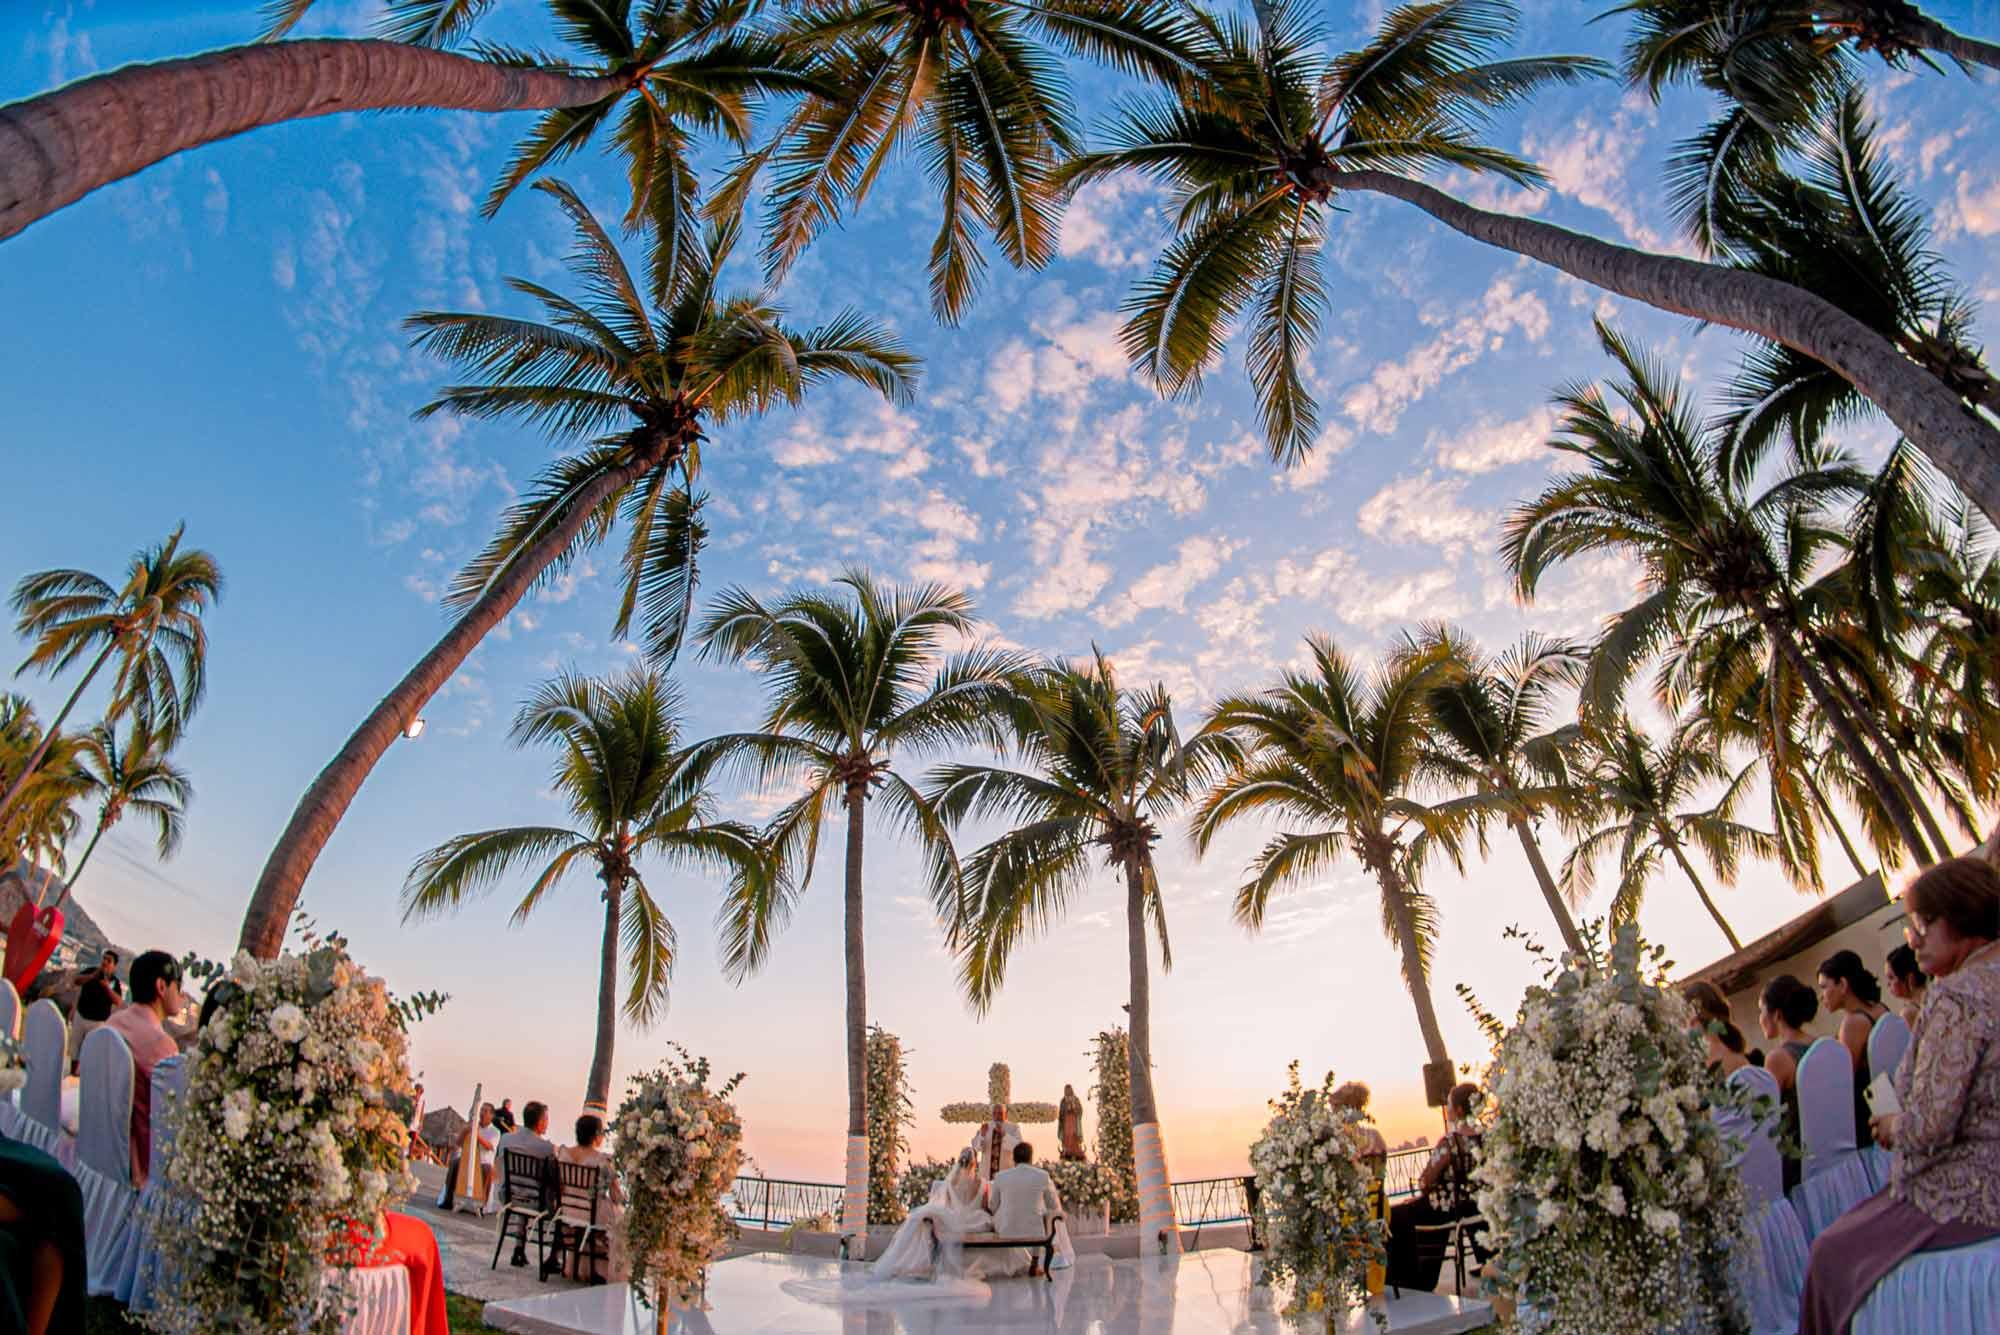 fotofest-mexico--cursos-de-fotografia-ventas-para-fotografos-en-michoacan-mexico--fotografias-por-gina-jacobo17